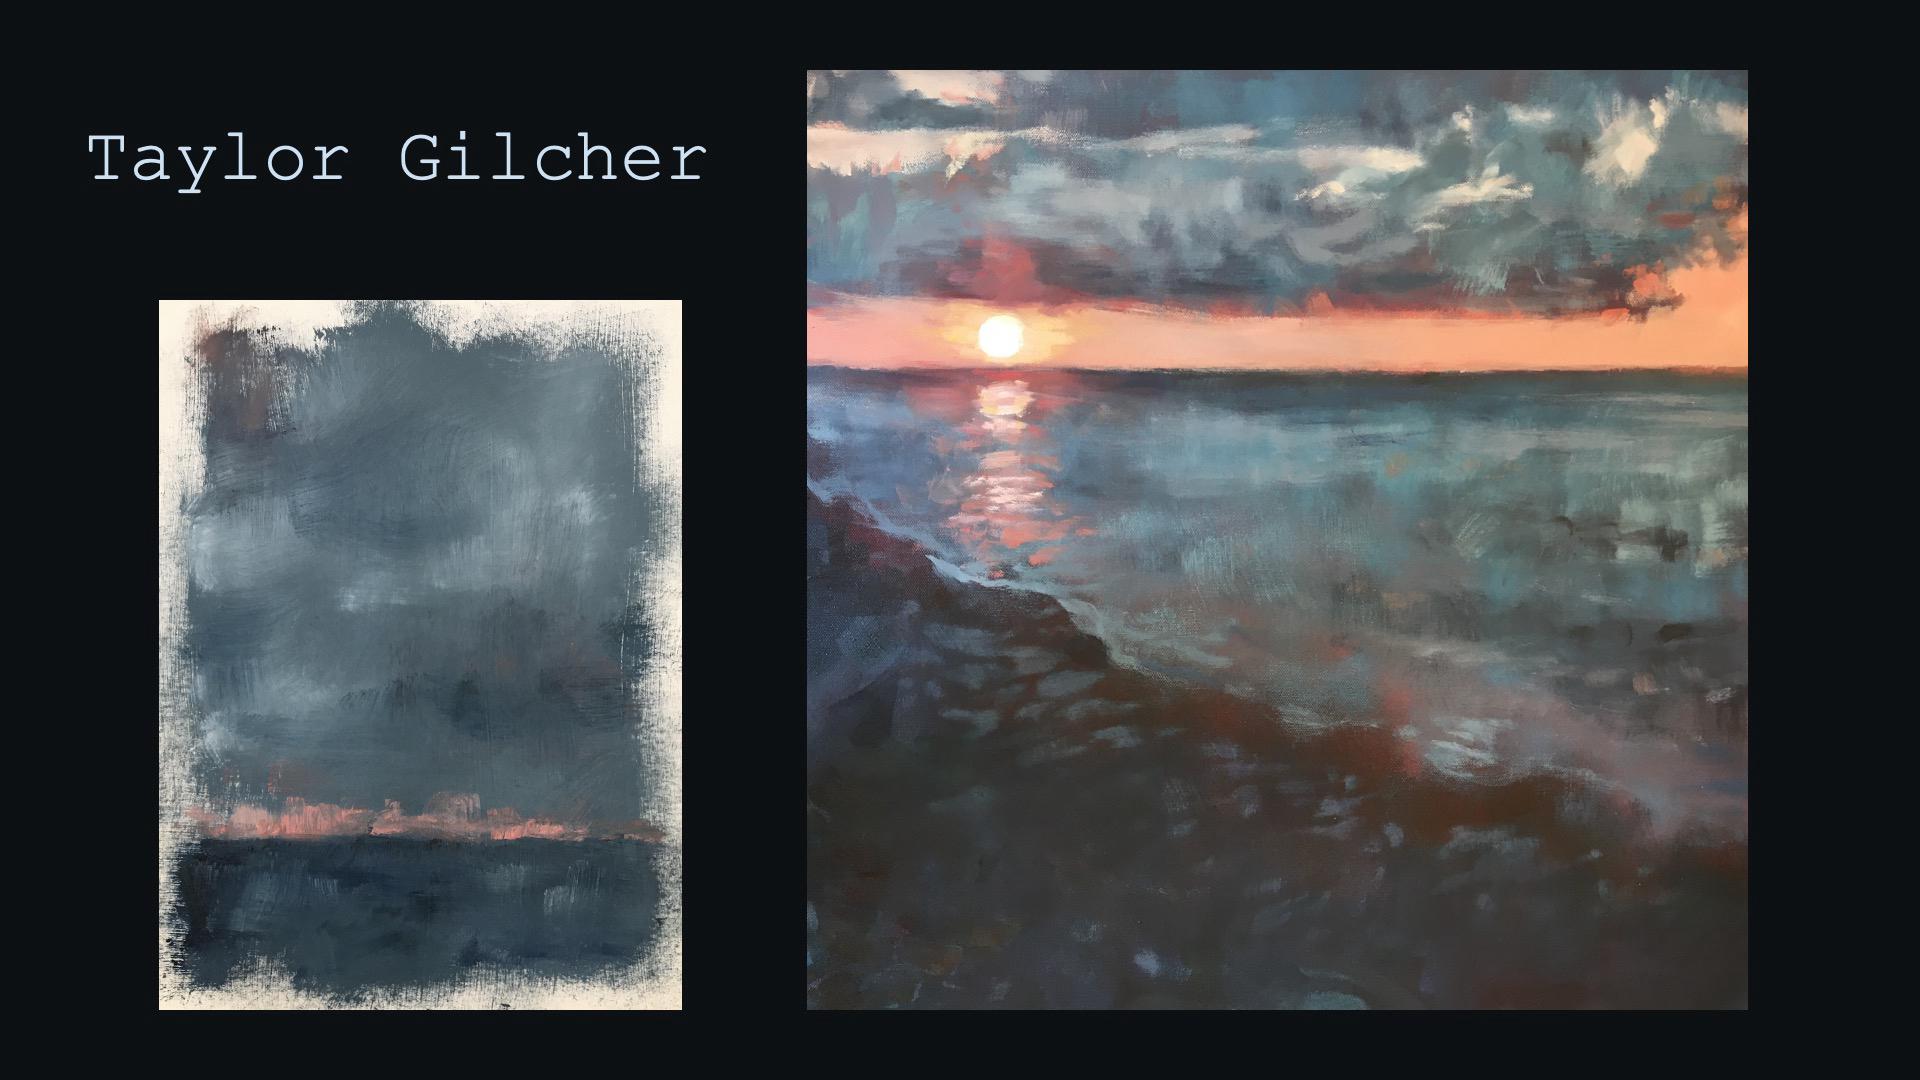 Taylor Gilcher, Landscape